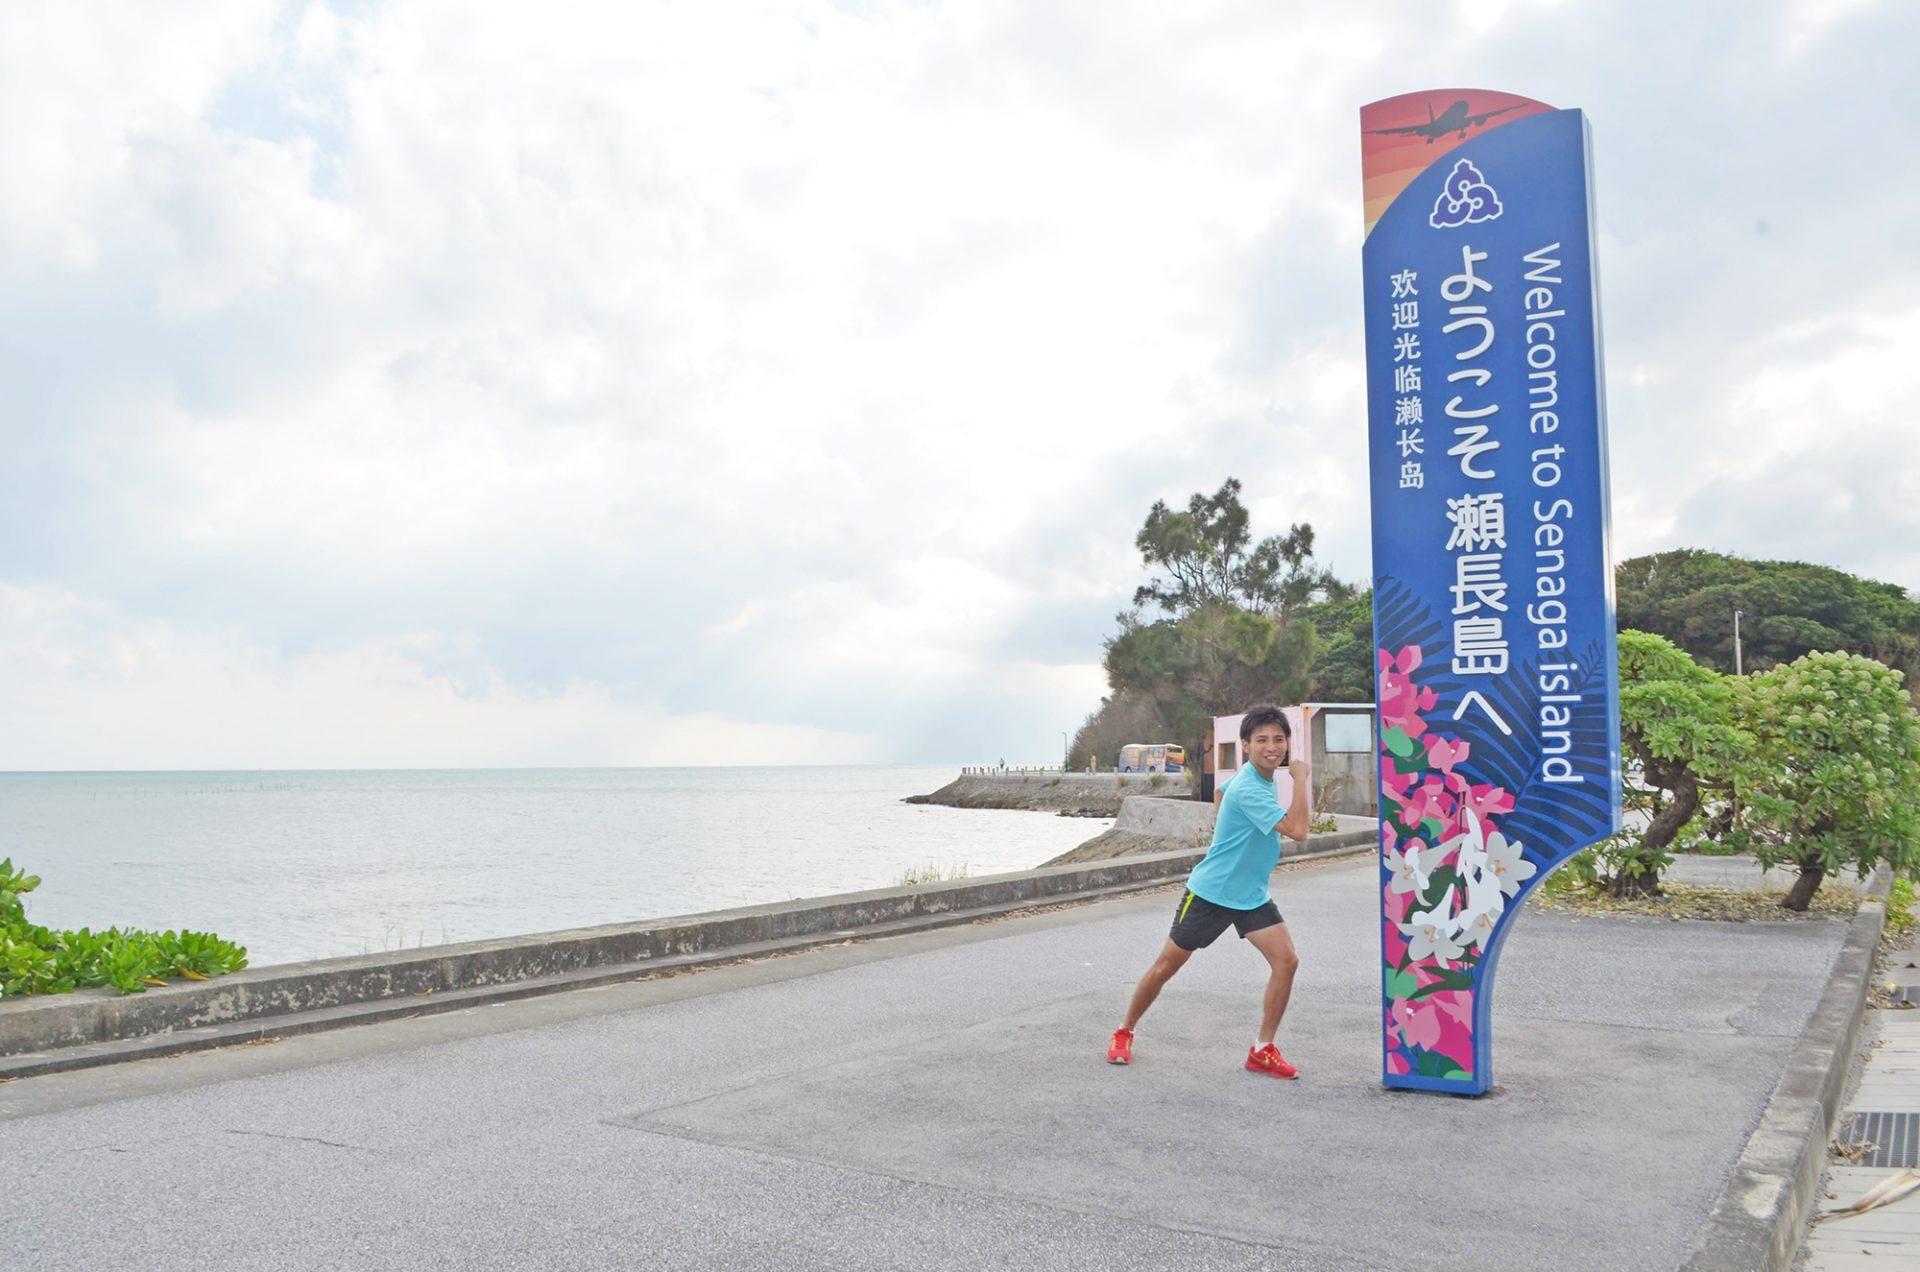 瀬長島(豊見城市)を走って沖縄の風景を堪能!